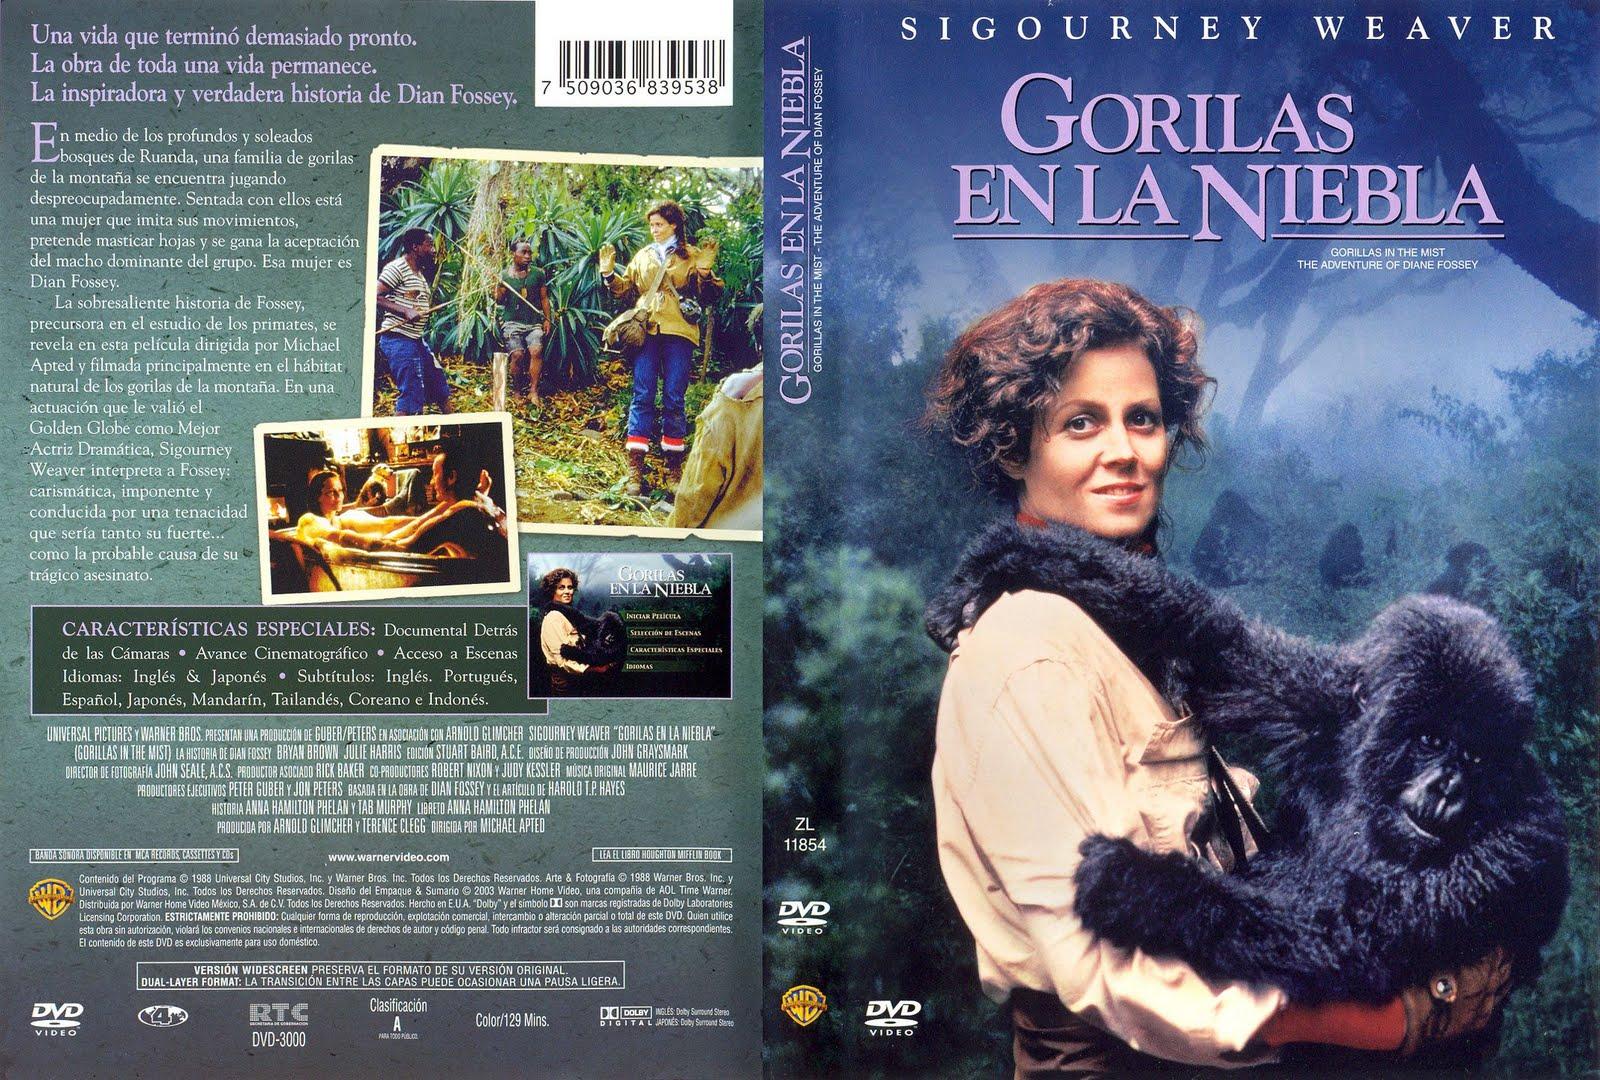 Peliculas en dvd gorilas en la niebla for Gorilas en la niebla